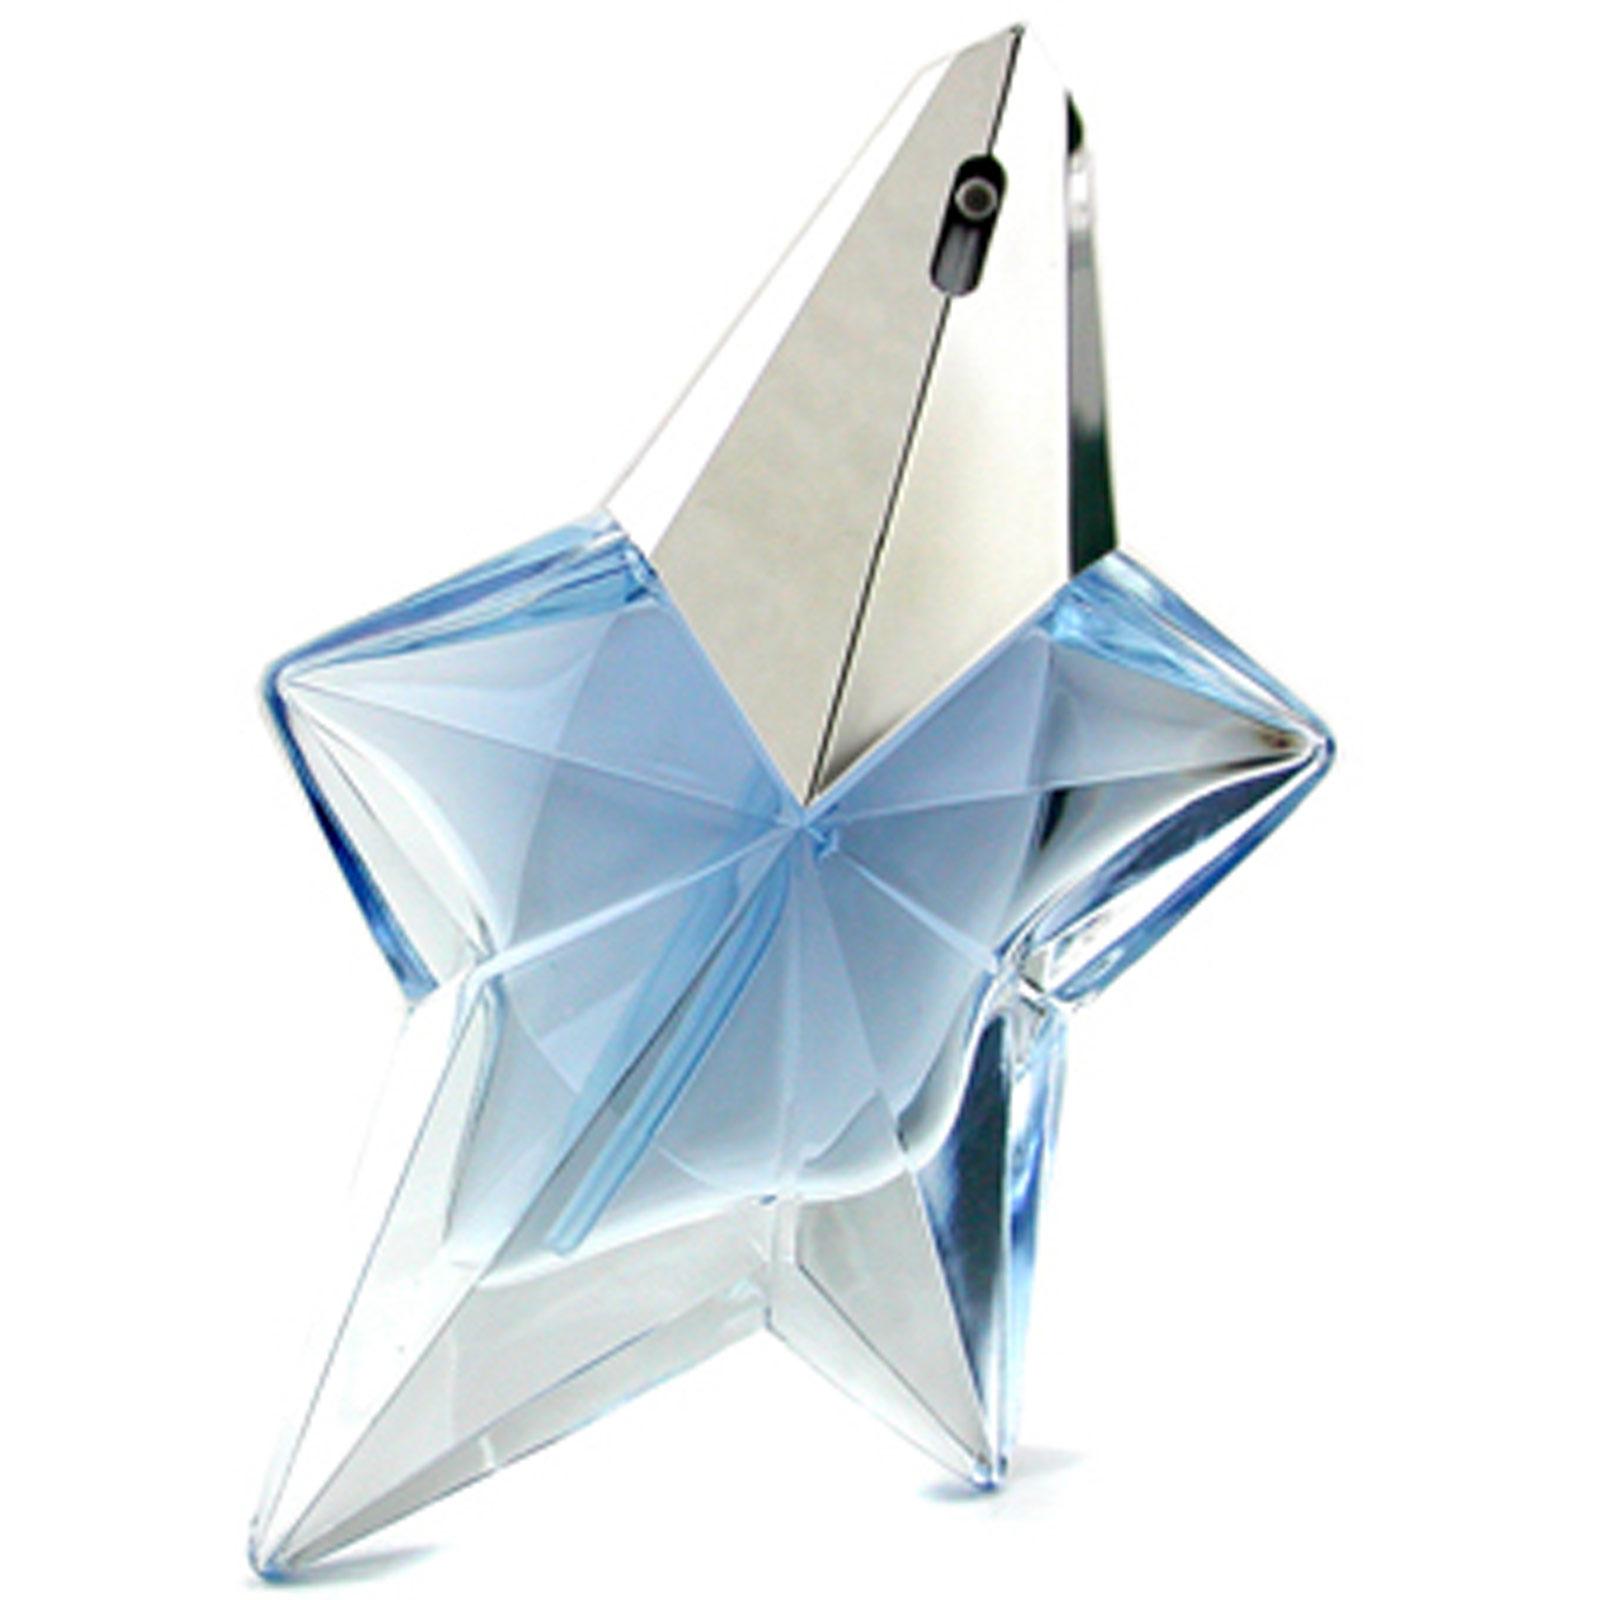 Angel Mugler Perfume A Fragrance For Women